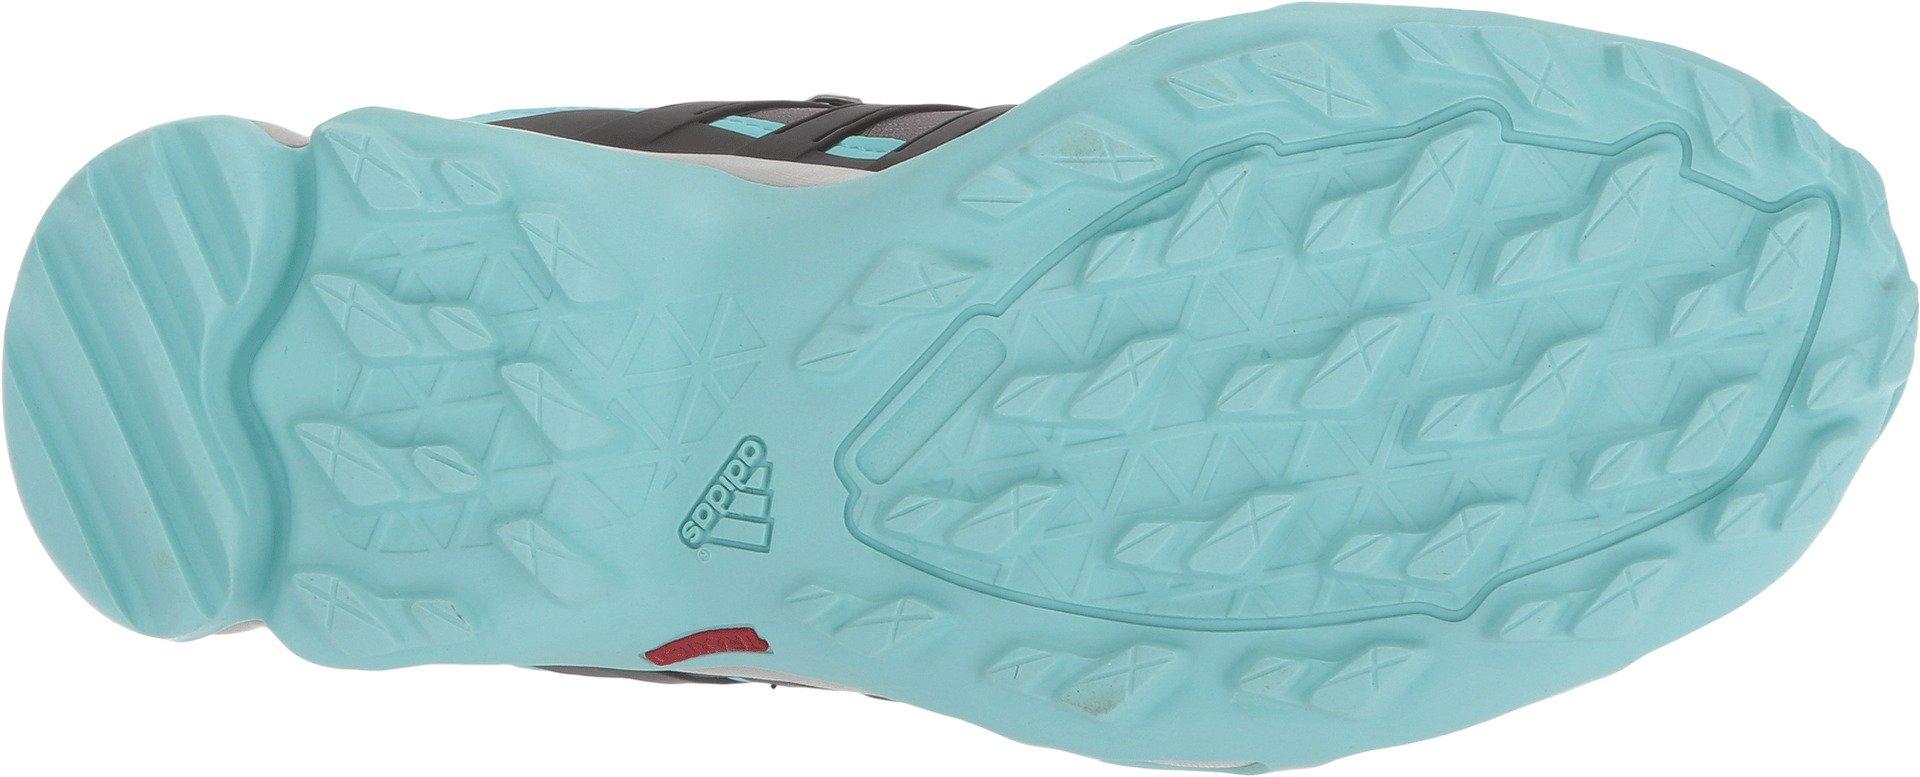 adidas Terrex Swift R Mid GTX Boot Women's Hiking 11 Grey-Utility Black-Clear Aqua by adidas (Image #3)